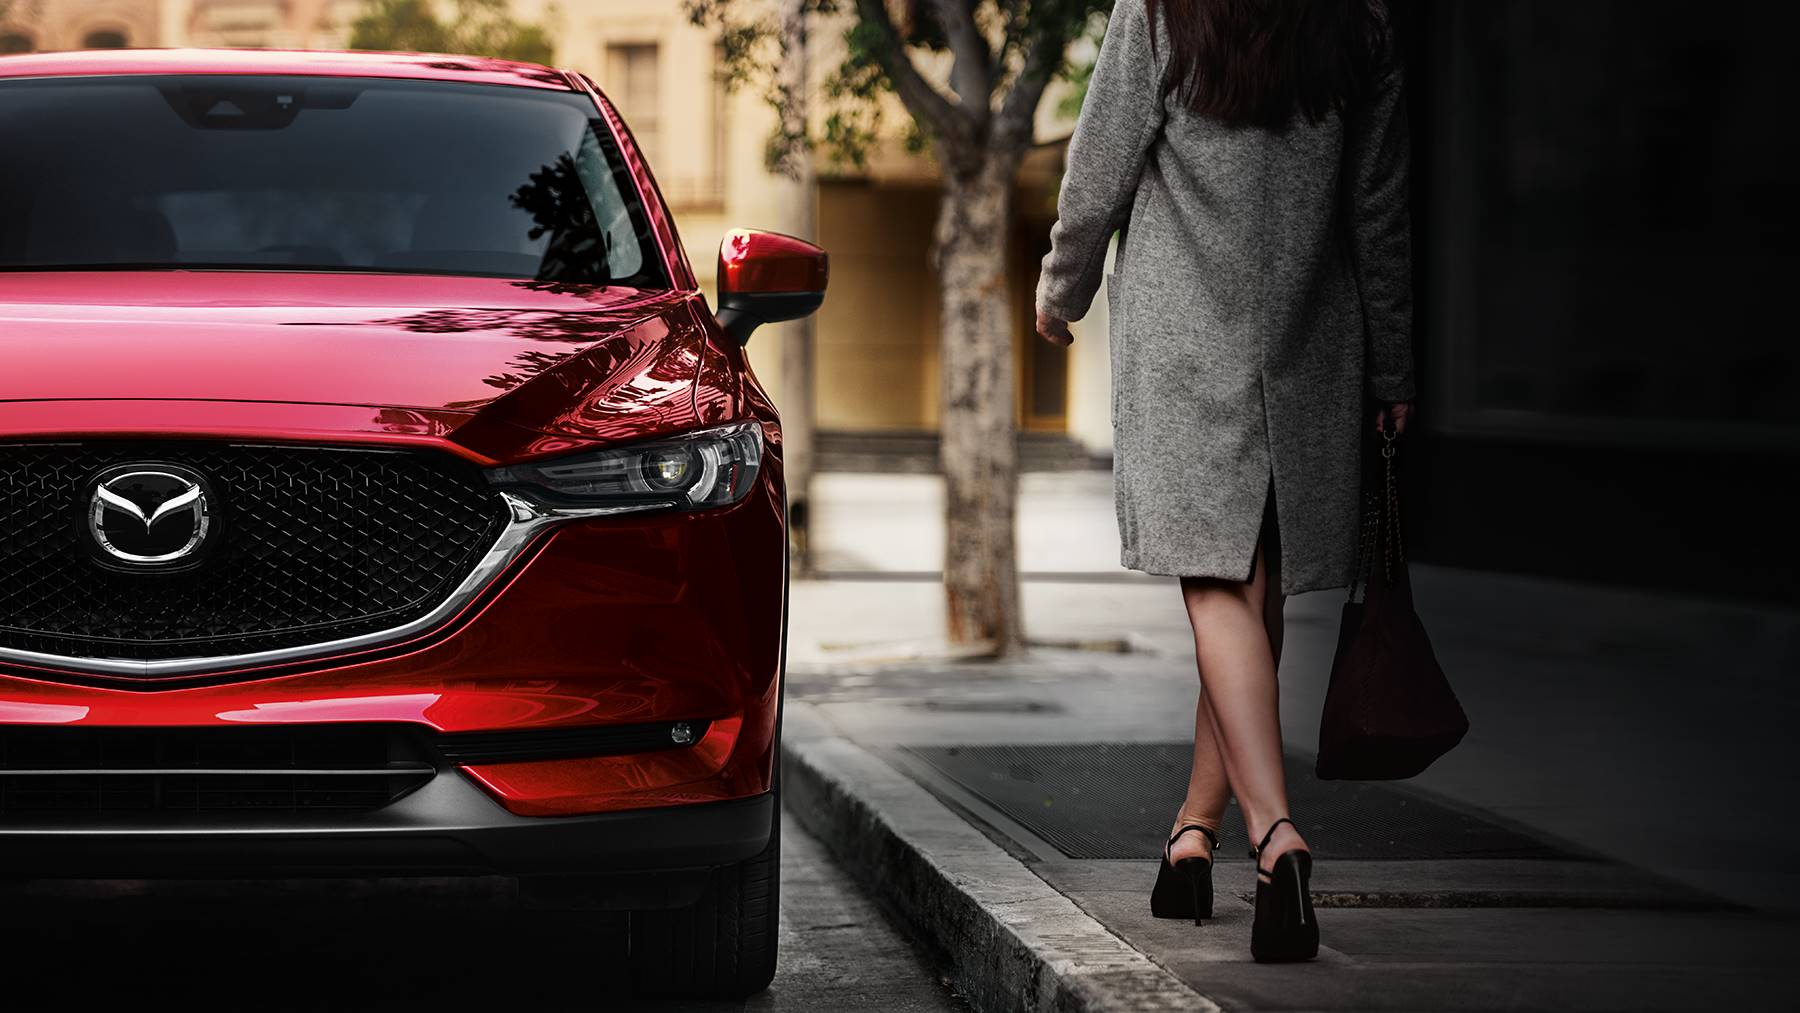 2018 Mazda CX-5 vs 2018 Honda CR-V in West Monroe, LA